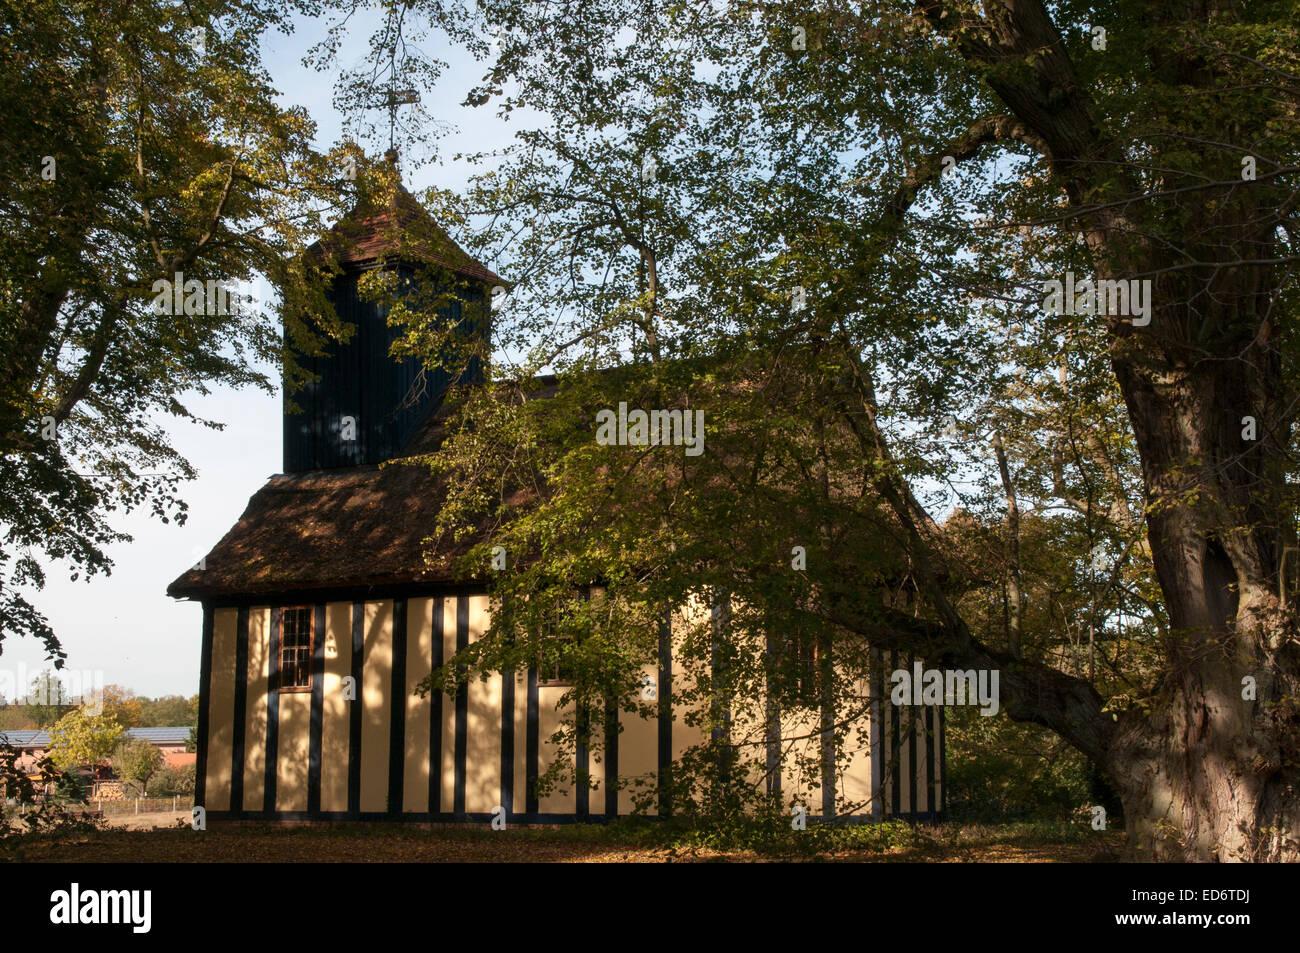 Kirchlein Stock Photos & Kirchlein Stock Images - Alamy